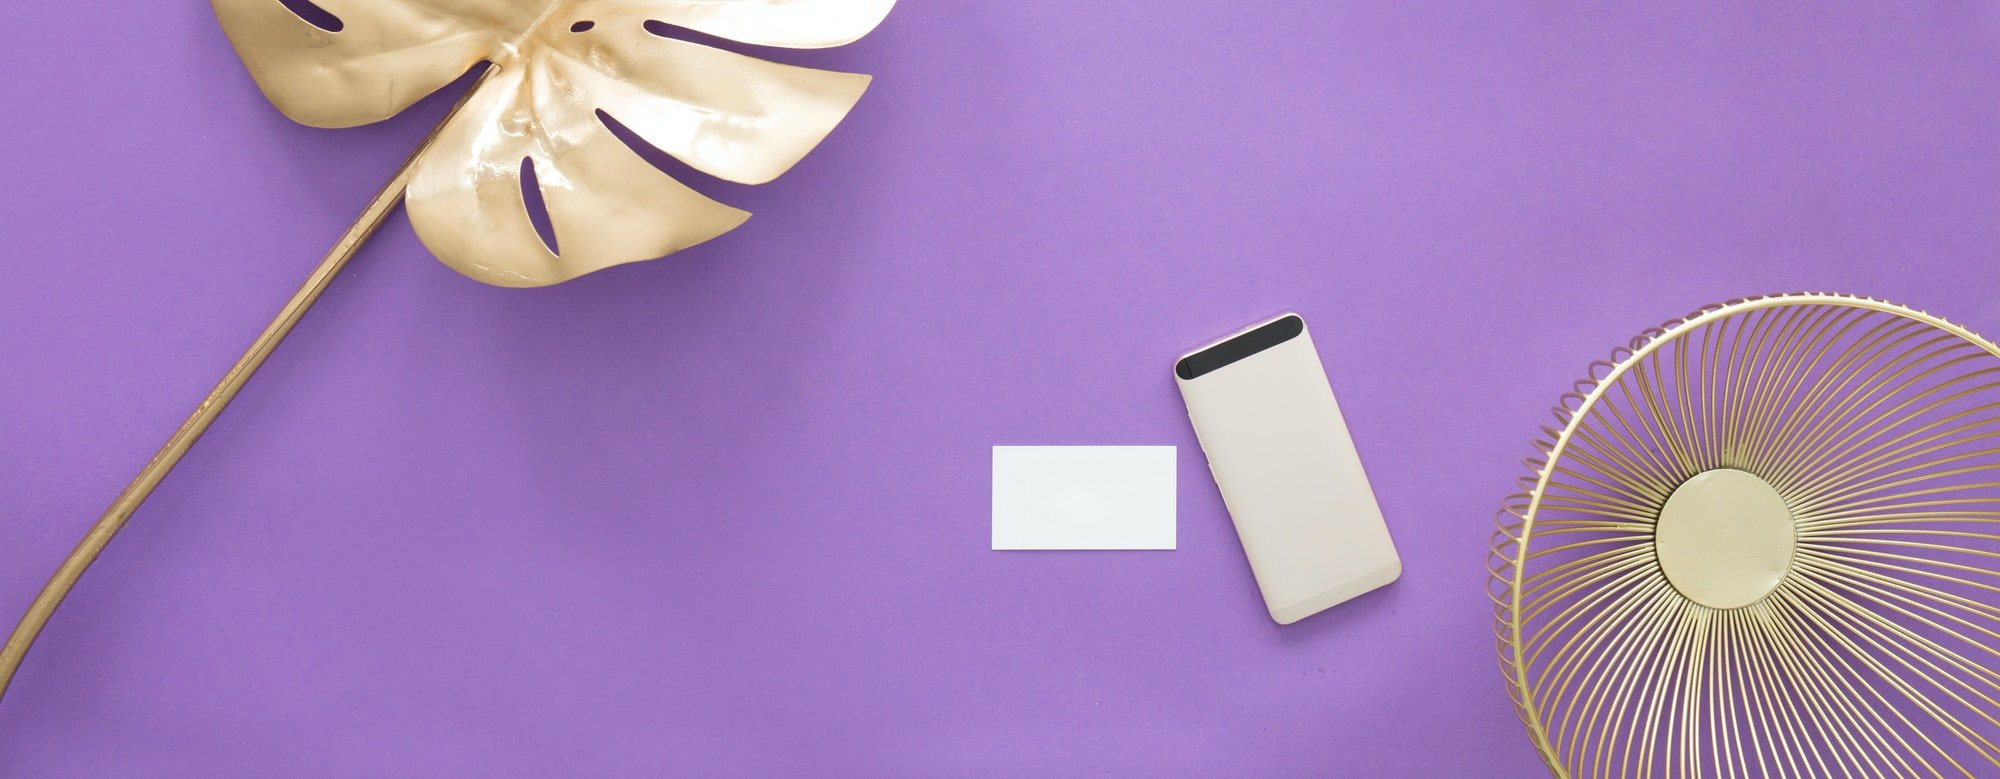 Smartphone on ultra violet background